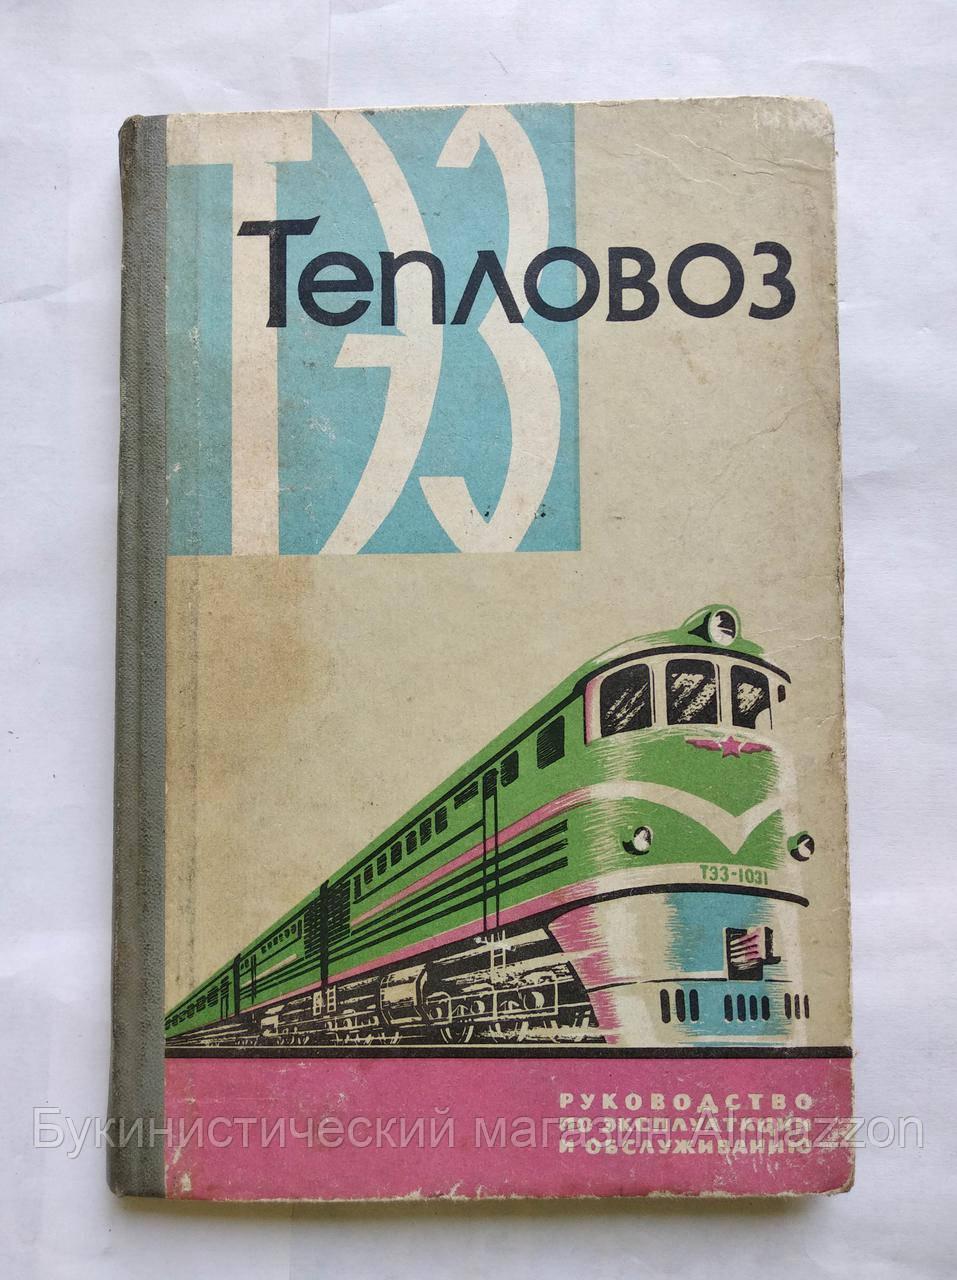 Тепловоз ТЭ3 Руководство по эксплуатации и обслуживанию. 1962 год, фото 1